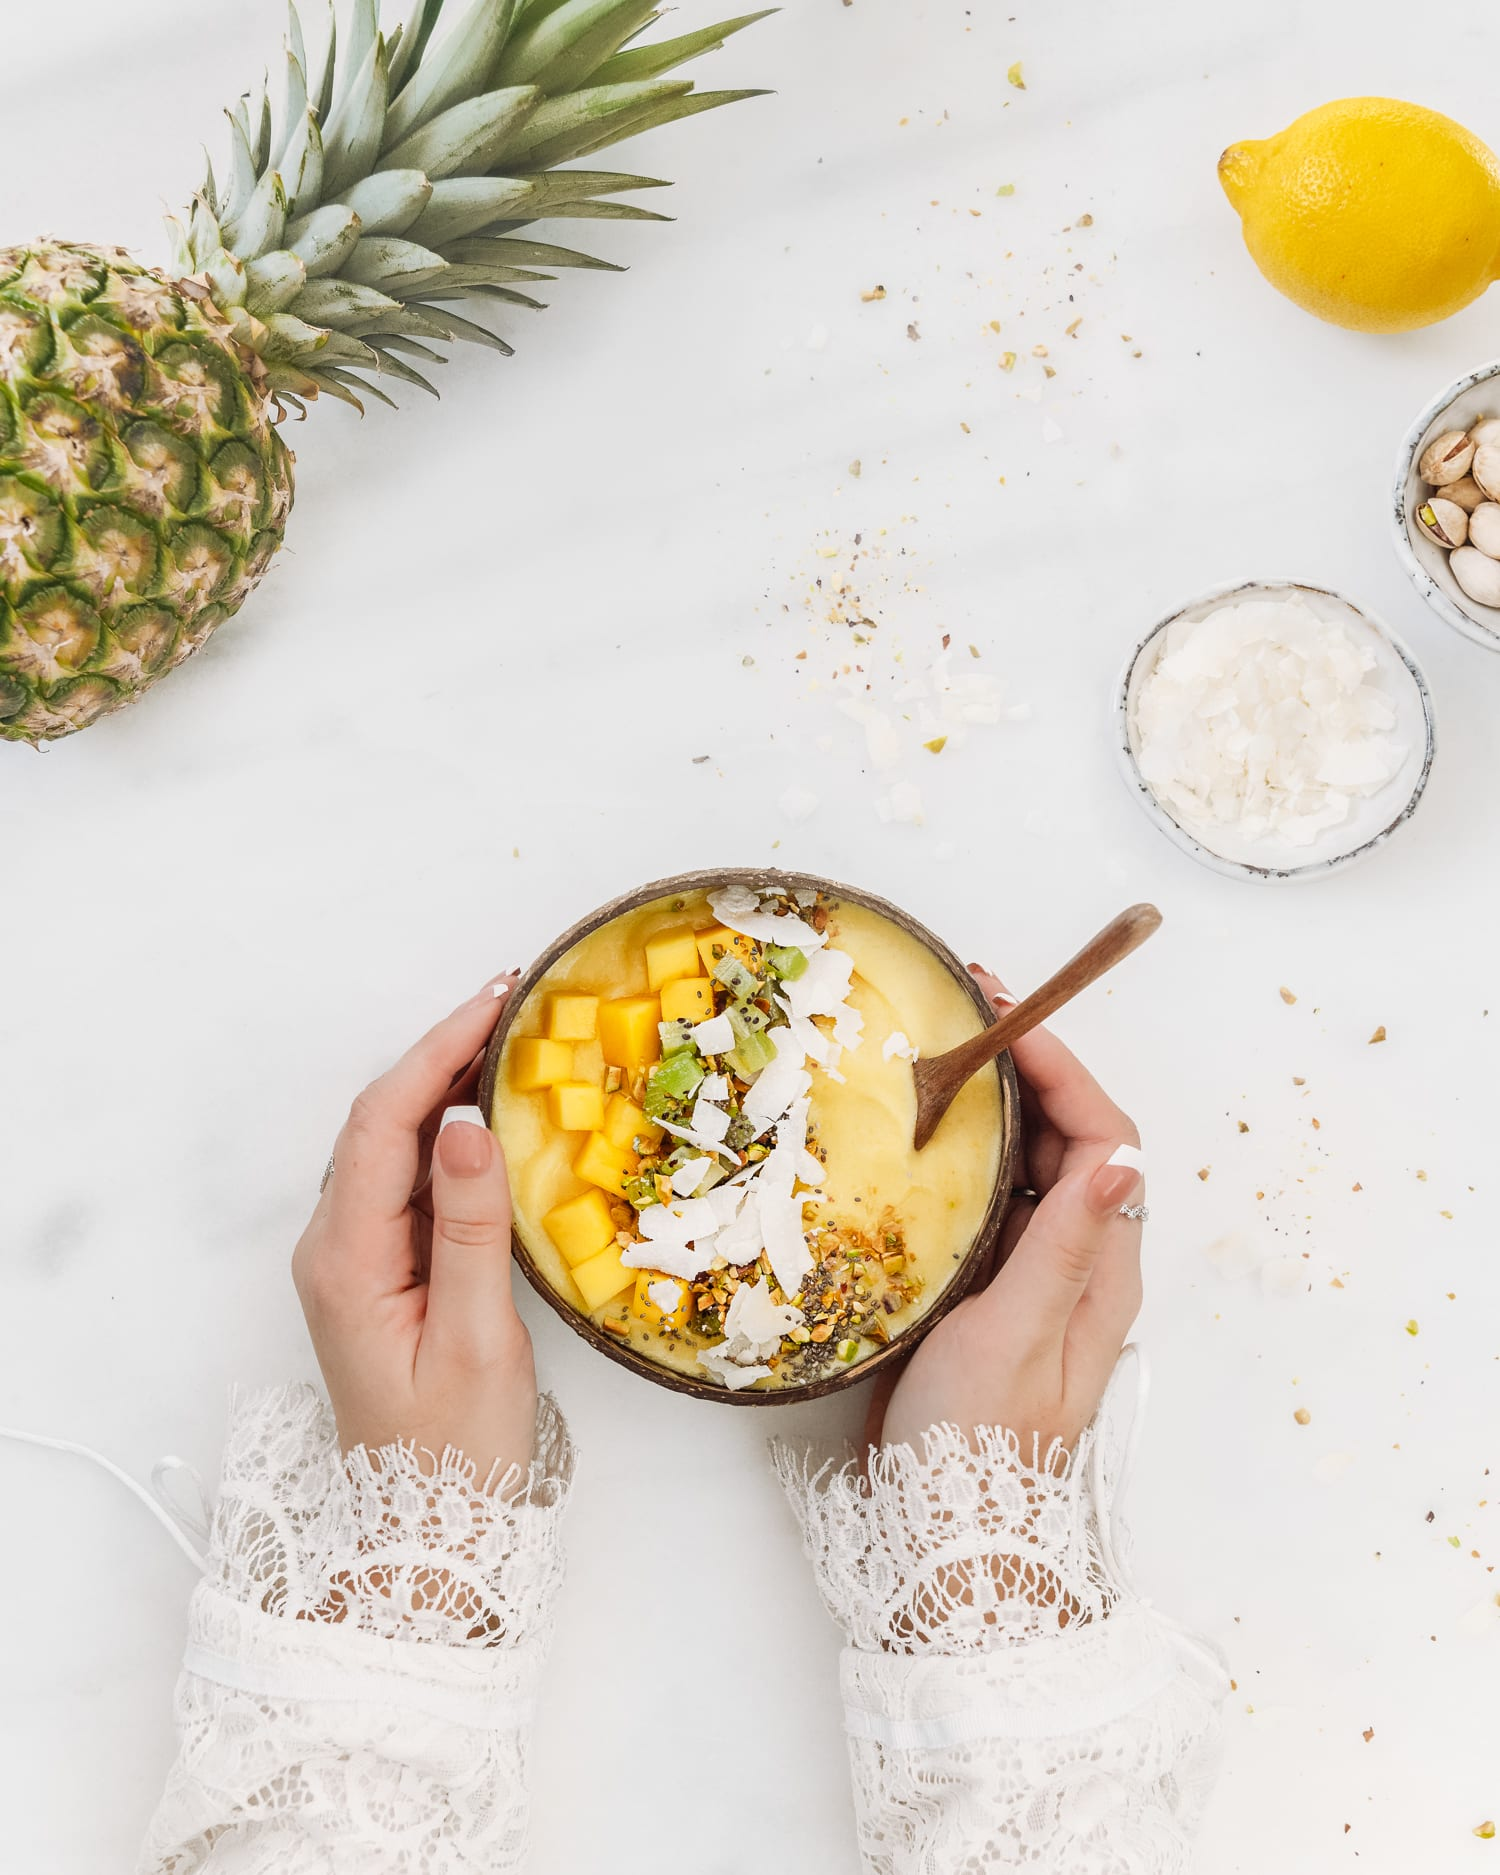 Recept: Tropisk smoothiebowl med ananas, mango och kokos